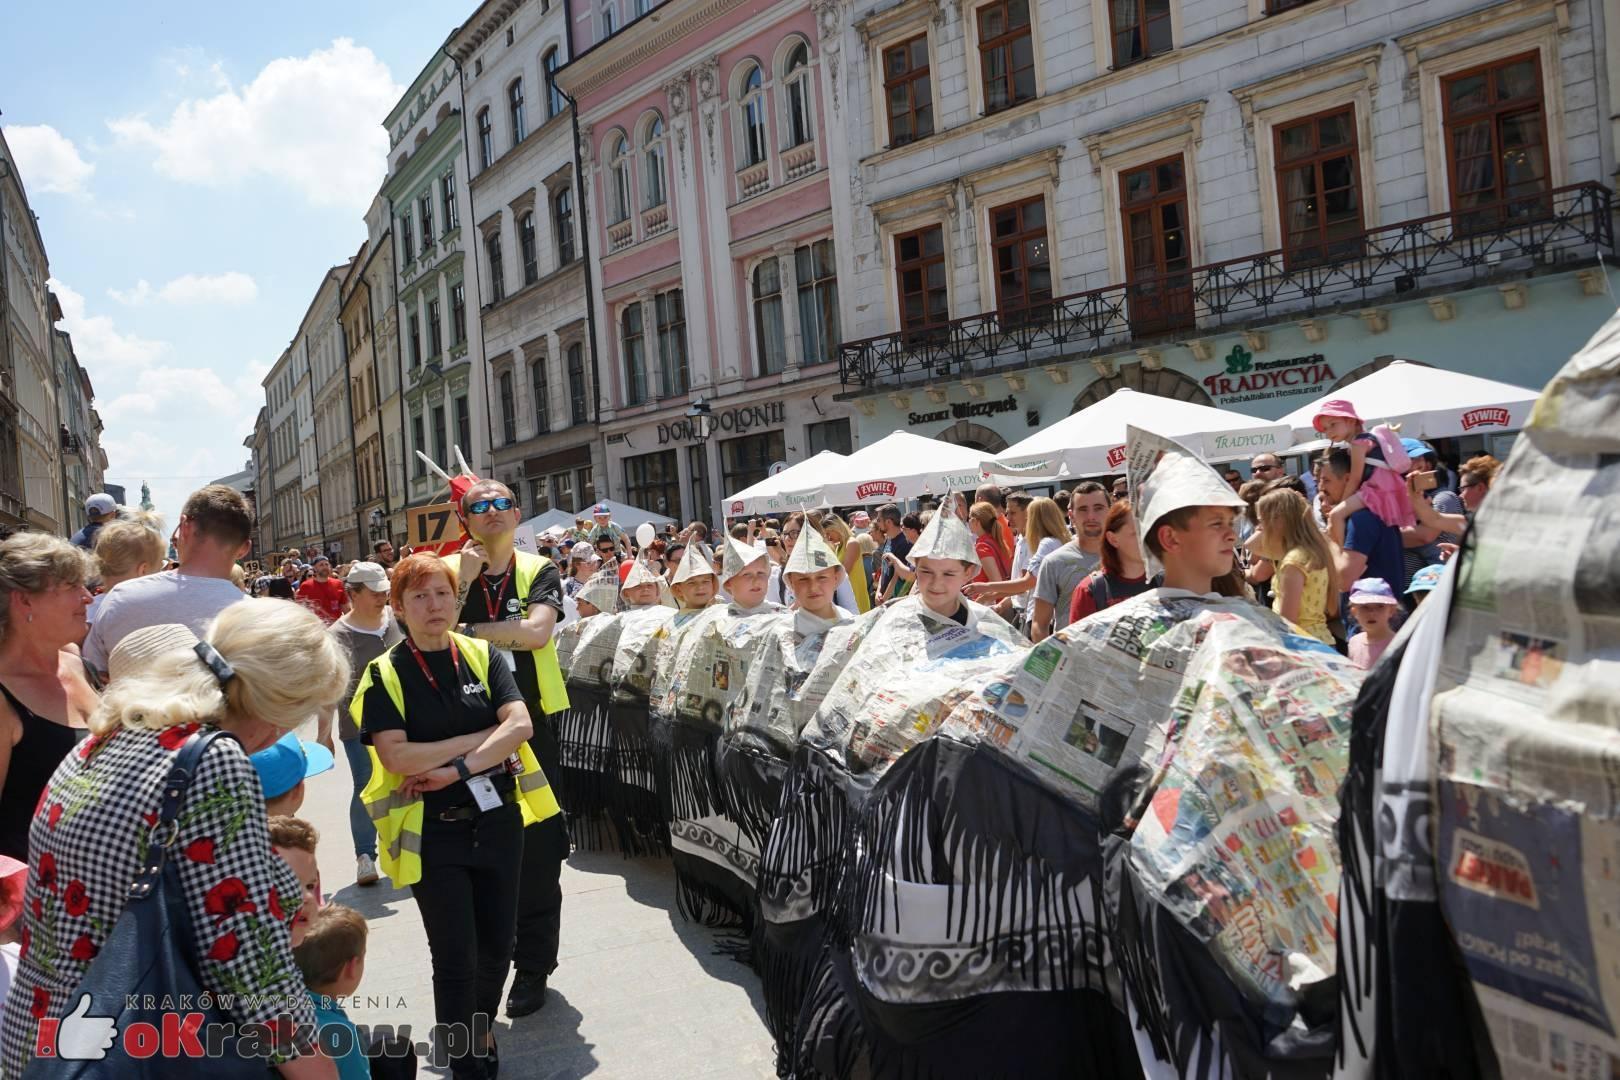 wielka parada smokow przeszla przez krakow w 40 smokow do okola swiata 2019 62 150x150 - Parada Smoków przeszła przez Kraków. Obszerna galeria zdjęć - 2 czerwca 2019 w Krakowie